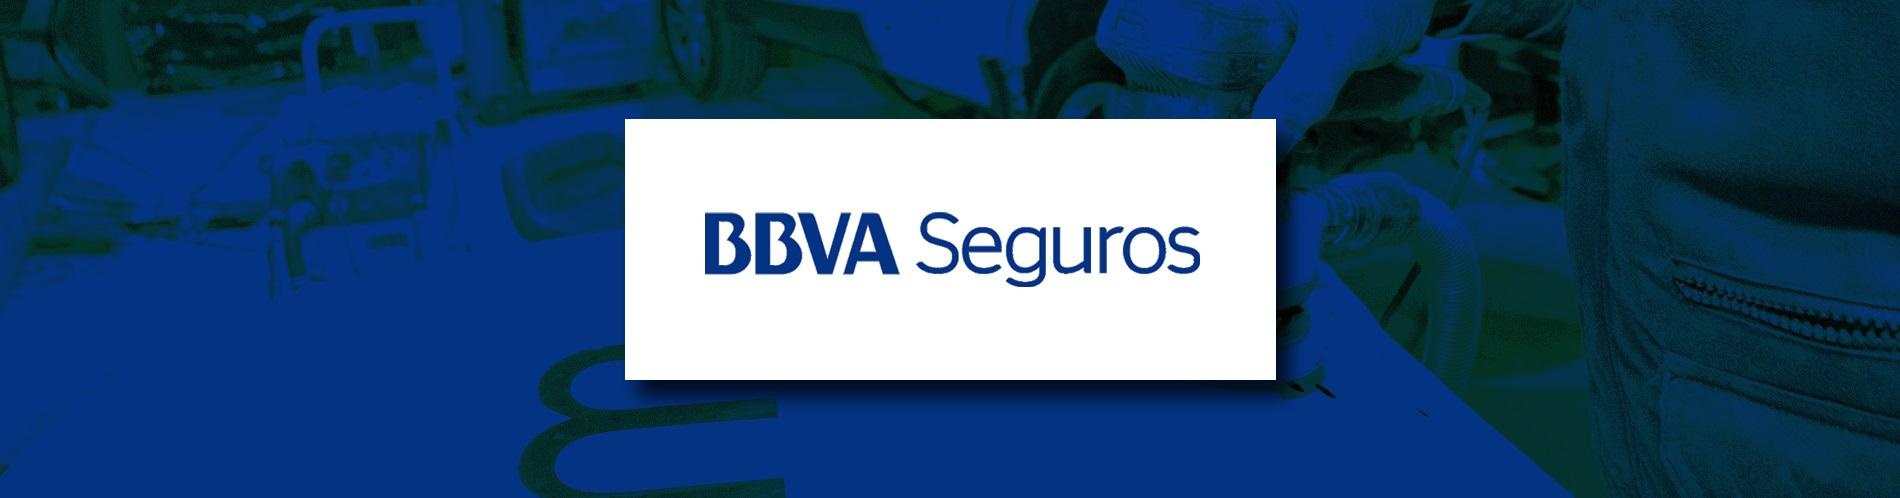 Talleres de chapa y pintura BBVA Seguros - Palma de Mallorca